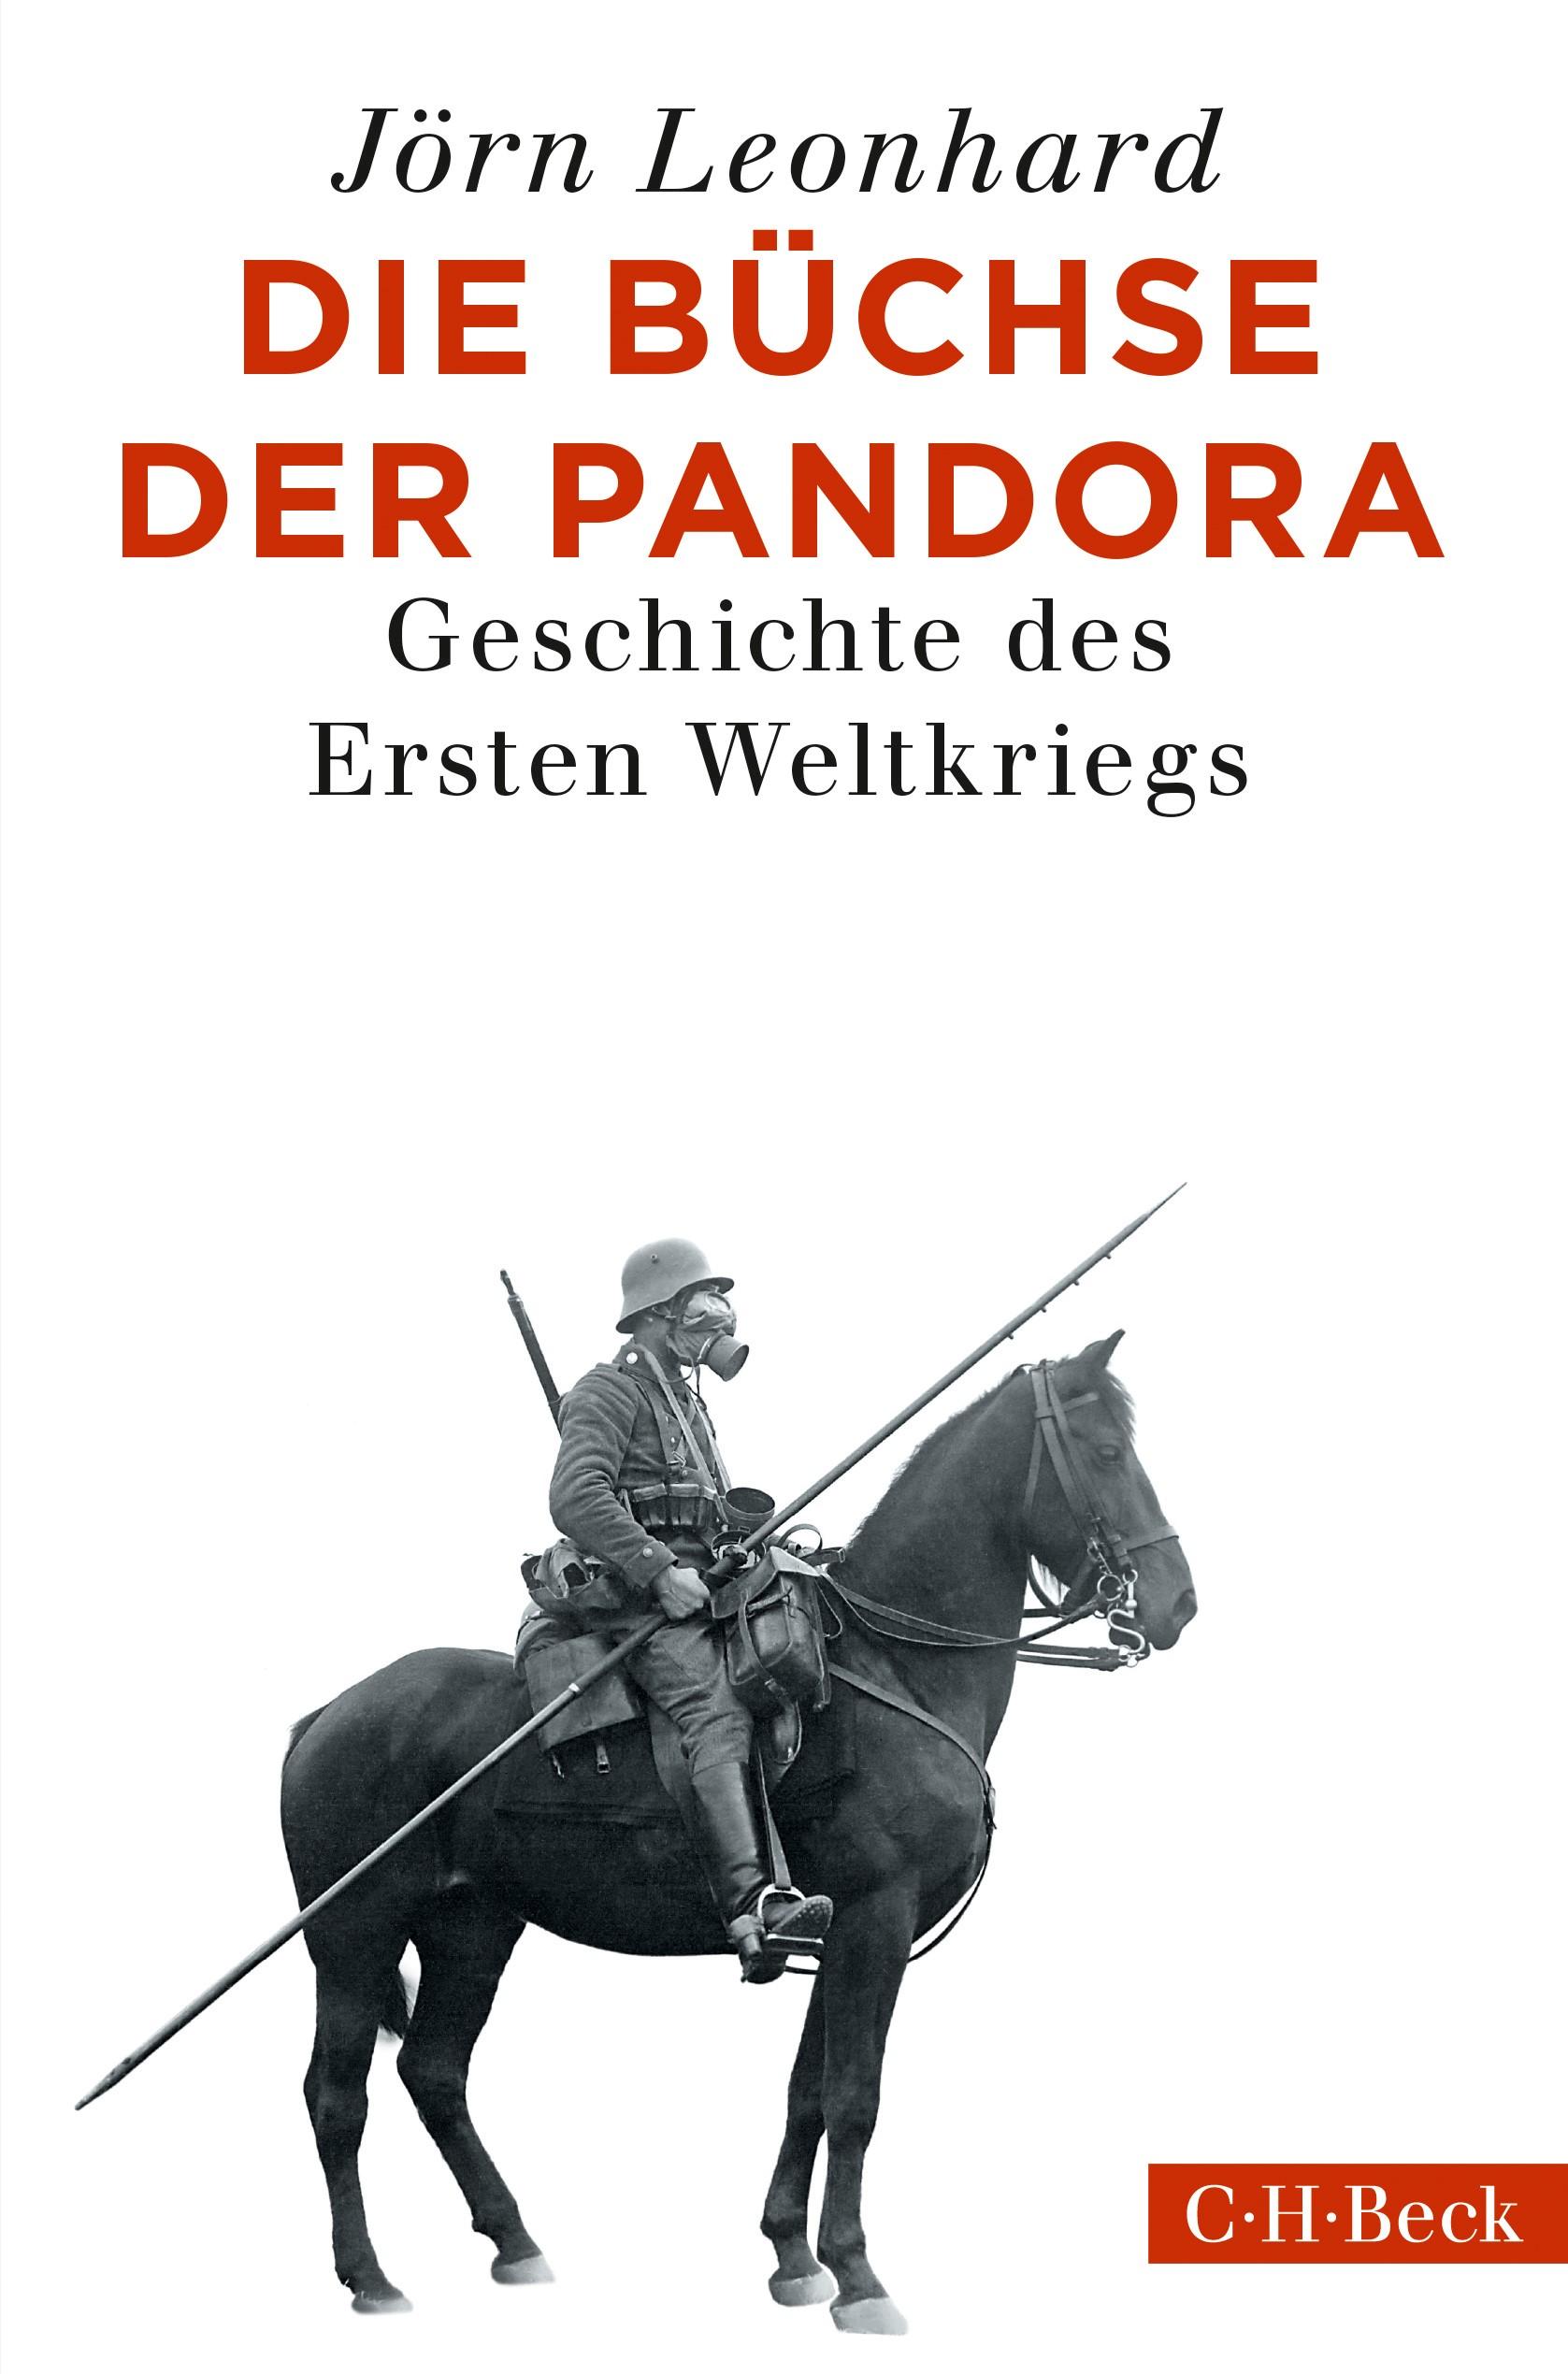 Abbildung von Leonhard, Jörn | Die Büchse der Pandora | 2018